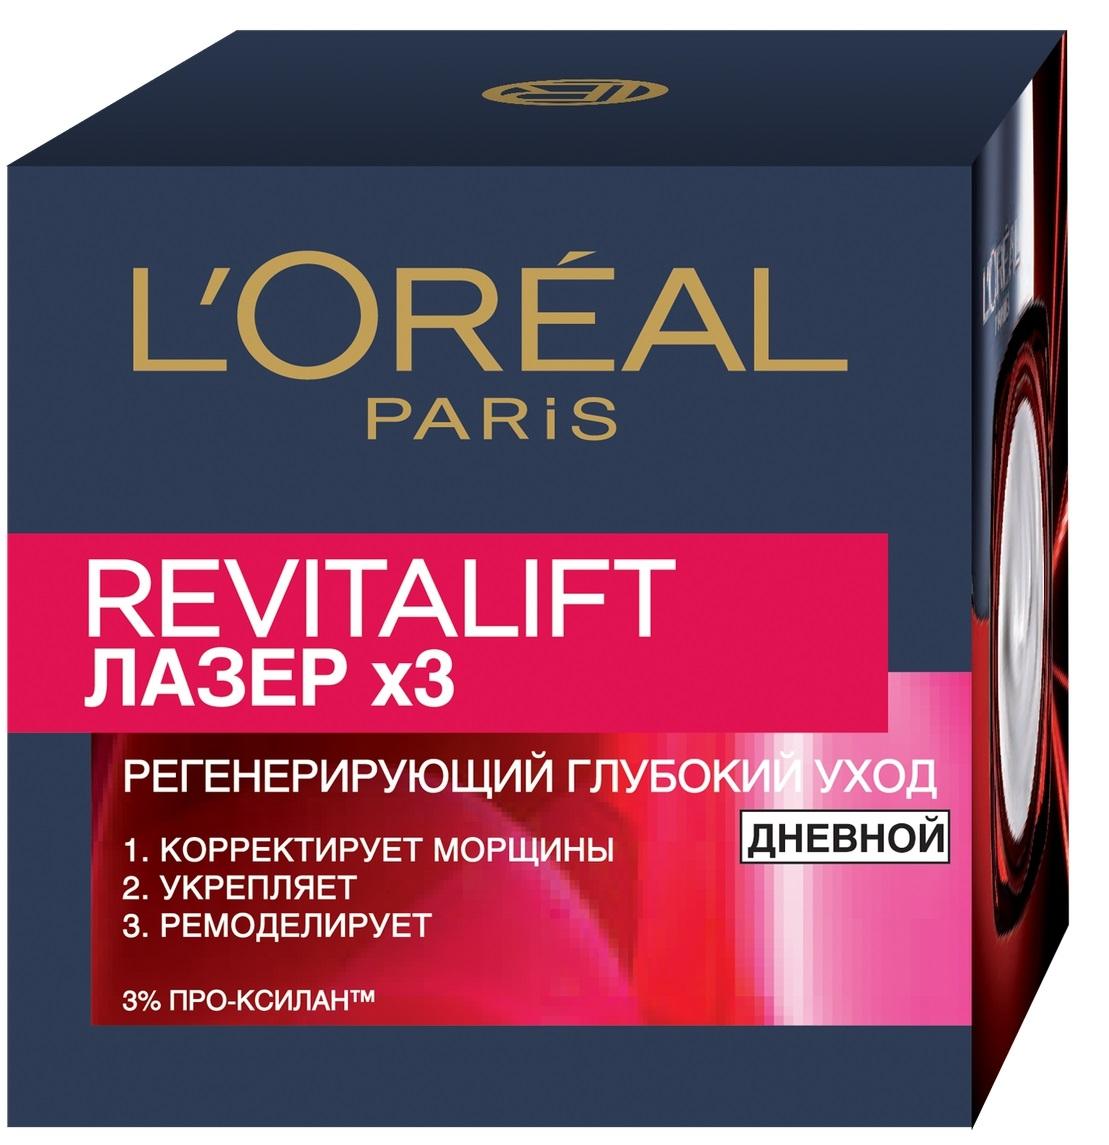 L'Oreal Paris Дневной антивозрастной крем Ревиталифт Лазер х3против морщин для лица, 50 мл для эпиляции лазер оборудование